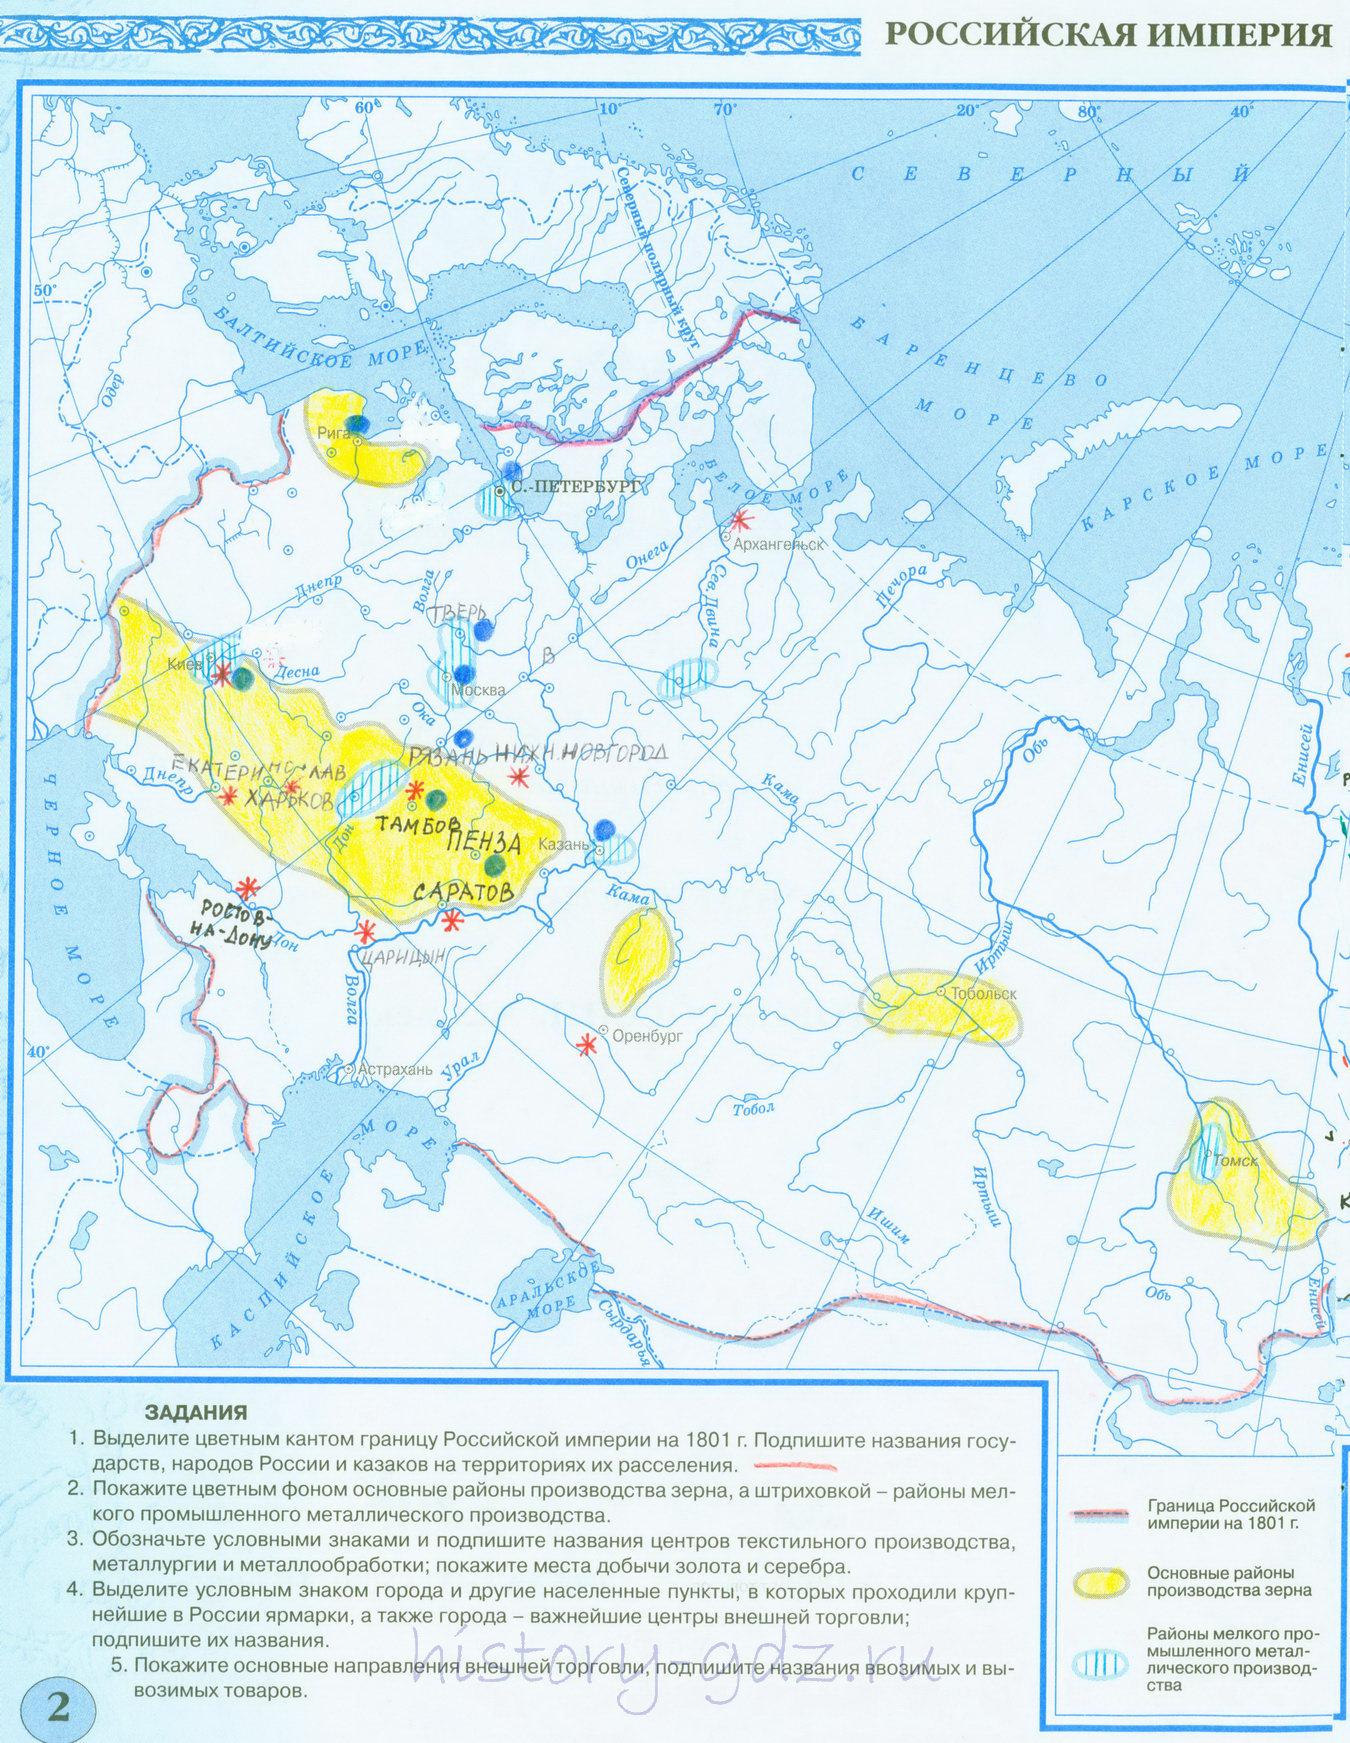 Ответы на контурные карты по истории 8 класс